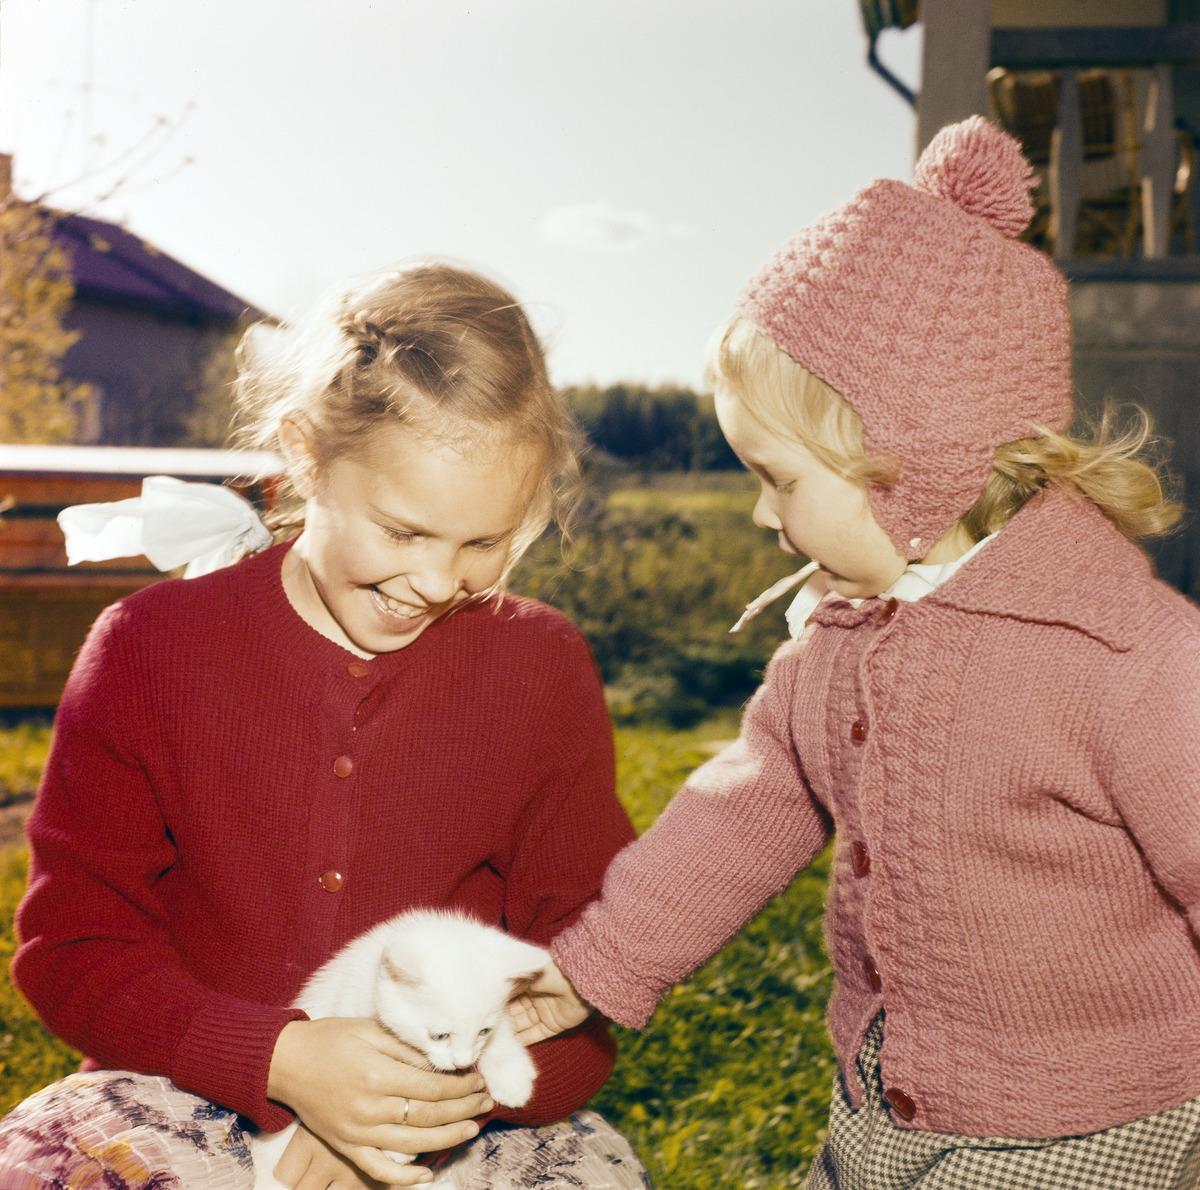 Kaksi lasta ihastelee pientä valkoista kissanpentua.